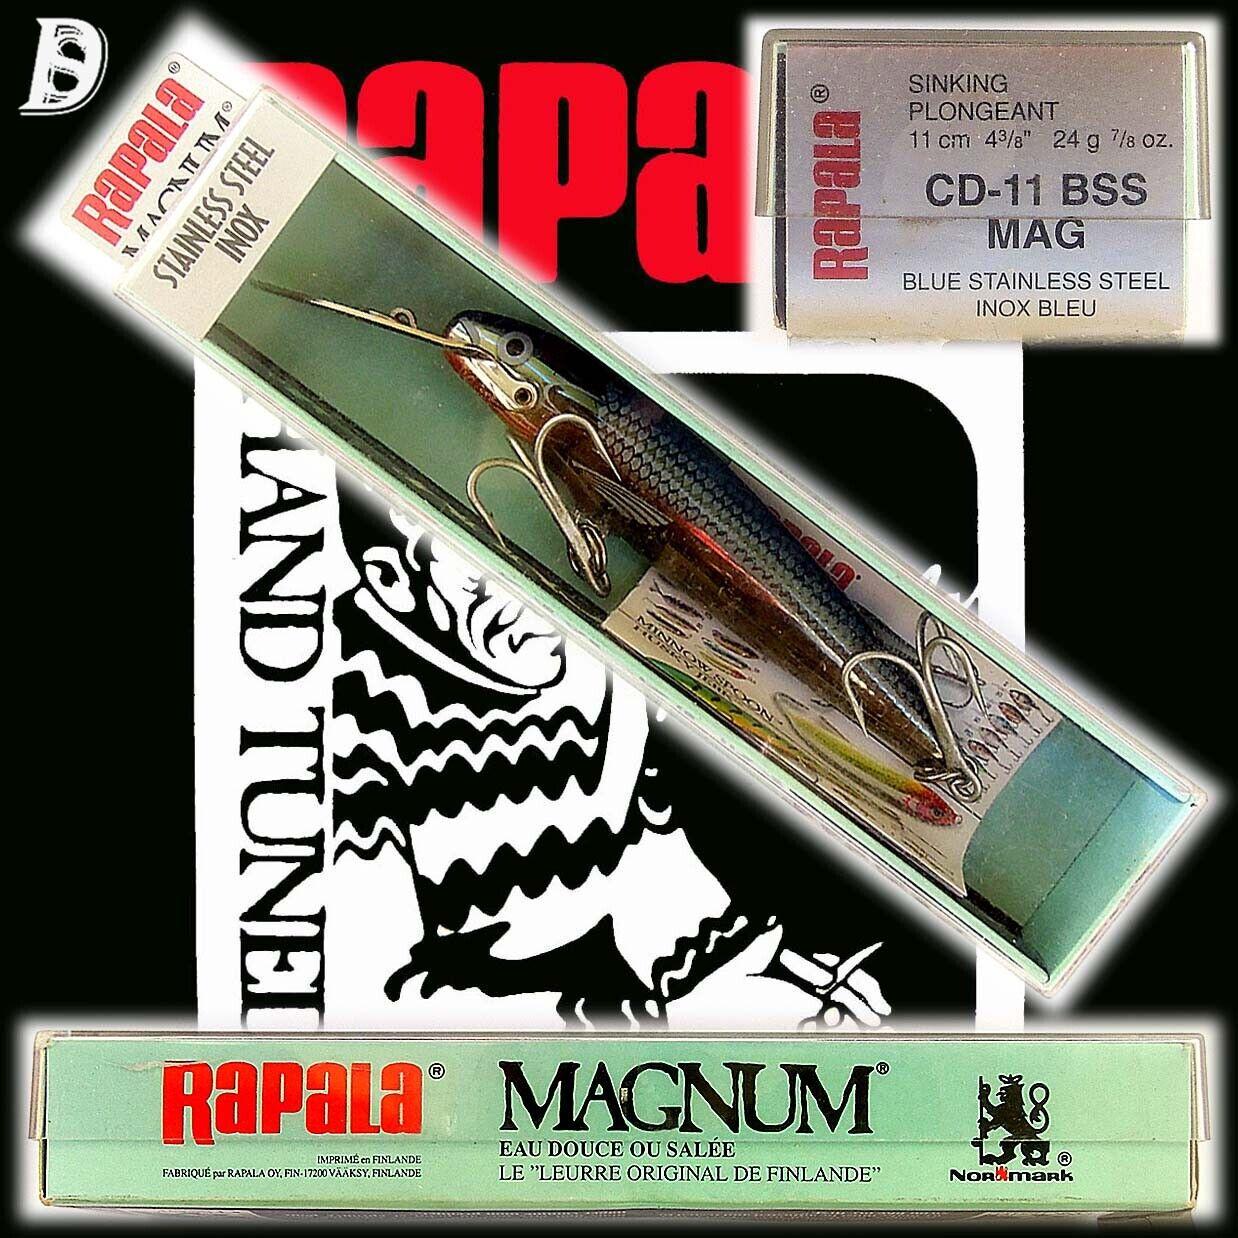 VINTAGE Rapala Magnum conto alla rovescia 11cm INOX BSS Finlandia NIB estremamente raro